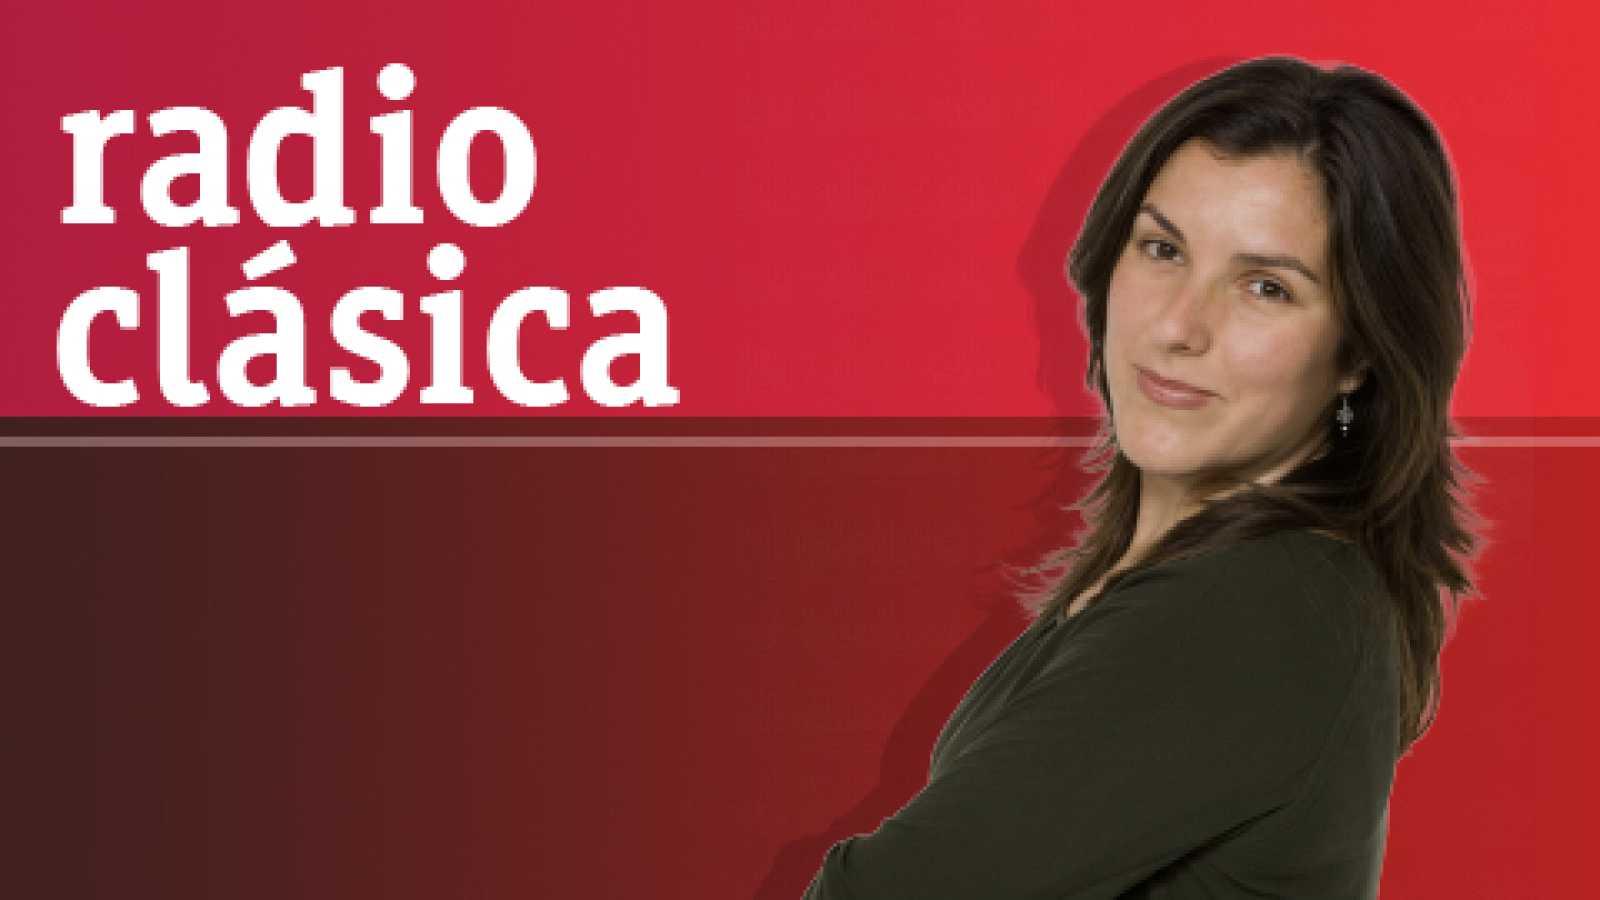 Los clásicos - Cuarteto Boehm - 28/09/12 - escuchar ahora